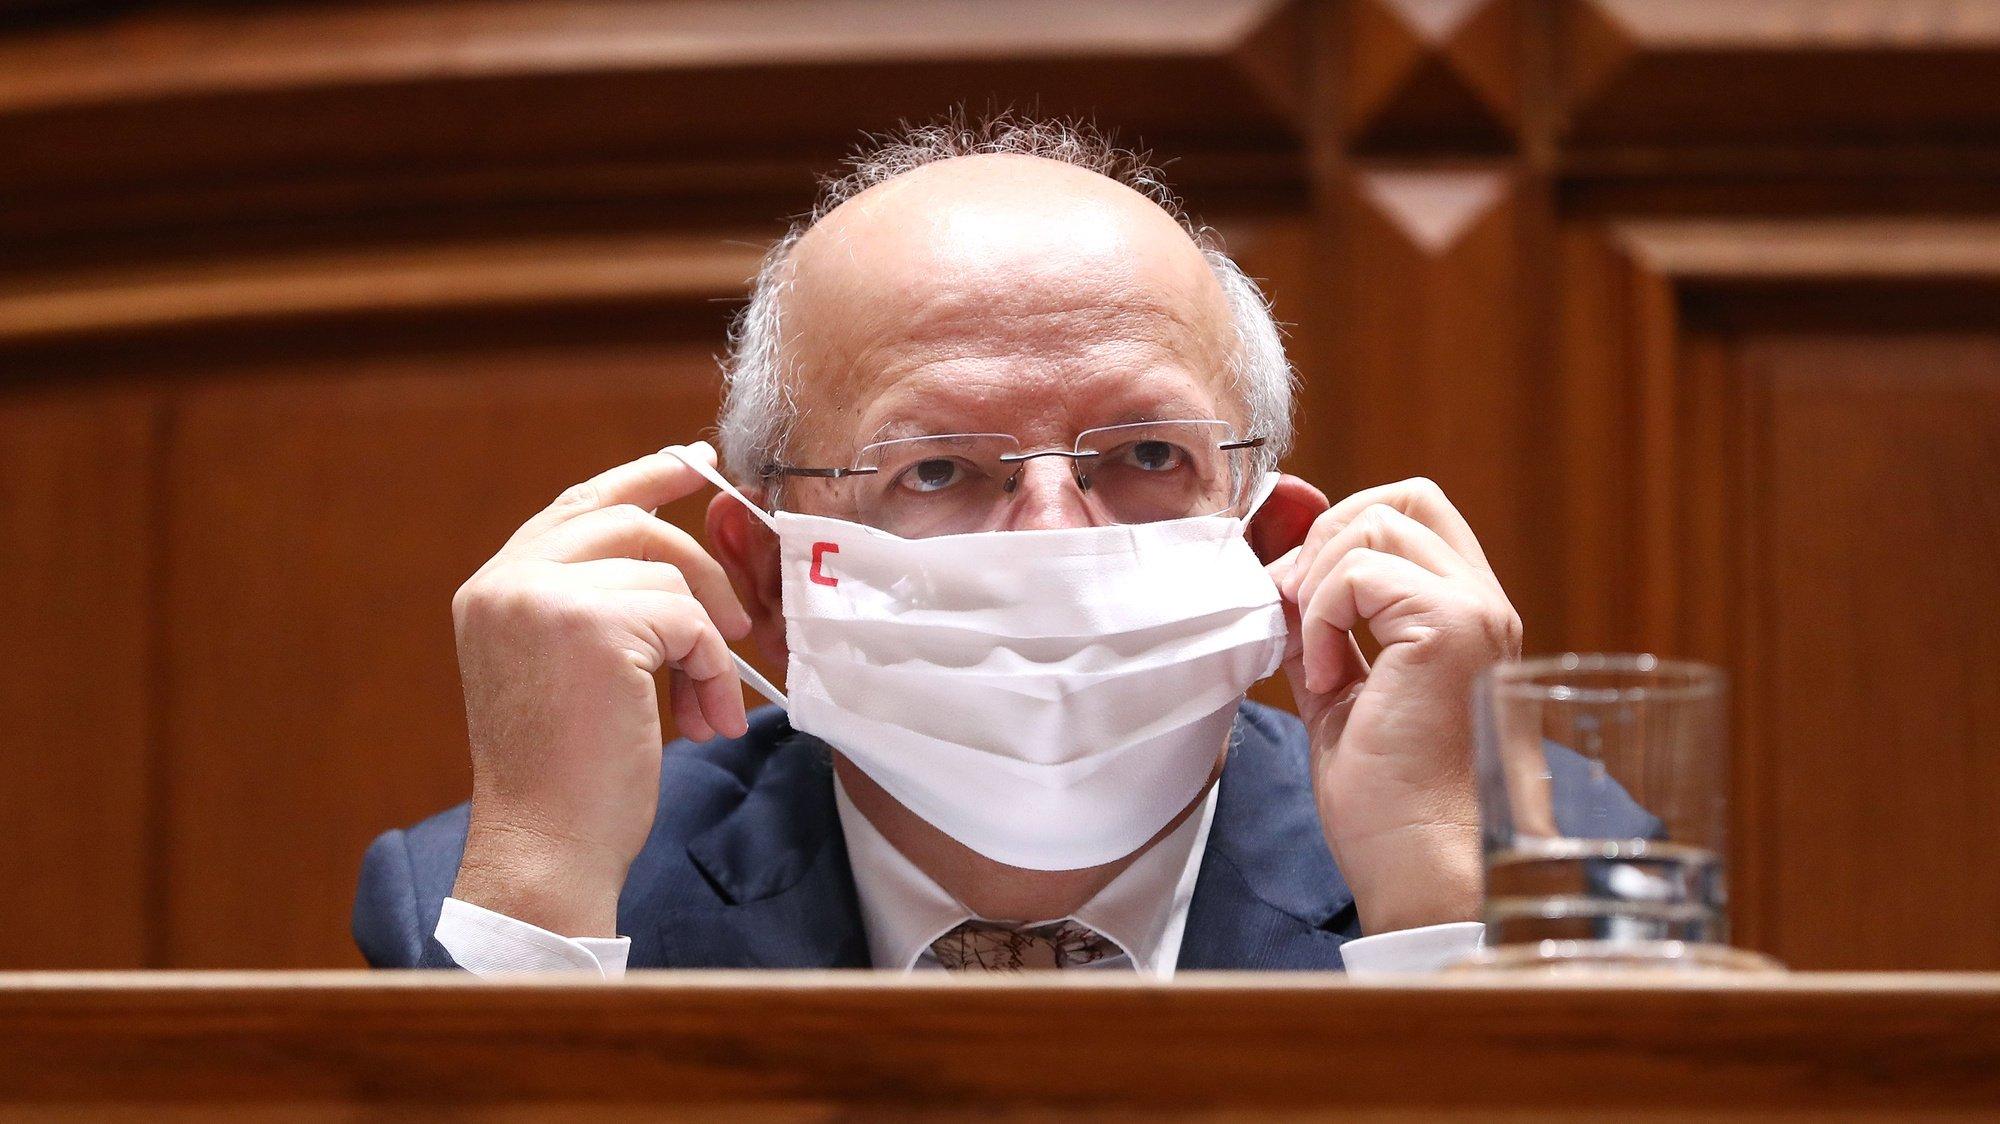 O ministro dos Negócios Estrangeiros, Augusto Santos Silva, retira a sua máscara de proteção respiratória para intervir perante a Comissão de Orçamento e Finanças (conjunta com as comissão de Negócios Estrangeiros e Comunidades Portuguesas, de Assuntos Europeus, e de Economia, Inovação, Obras Públicas e Habitação) no âmbito da apreciação, na especialidade, do Orçamento do Estado para 2021, na Assembleia da República, em Lisboa, 11 de novembro de 2020. ANTÓNIO PEDRO SANTOS/LUSA